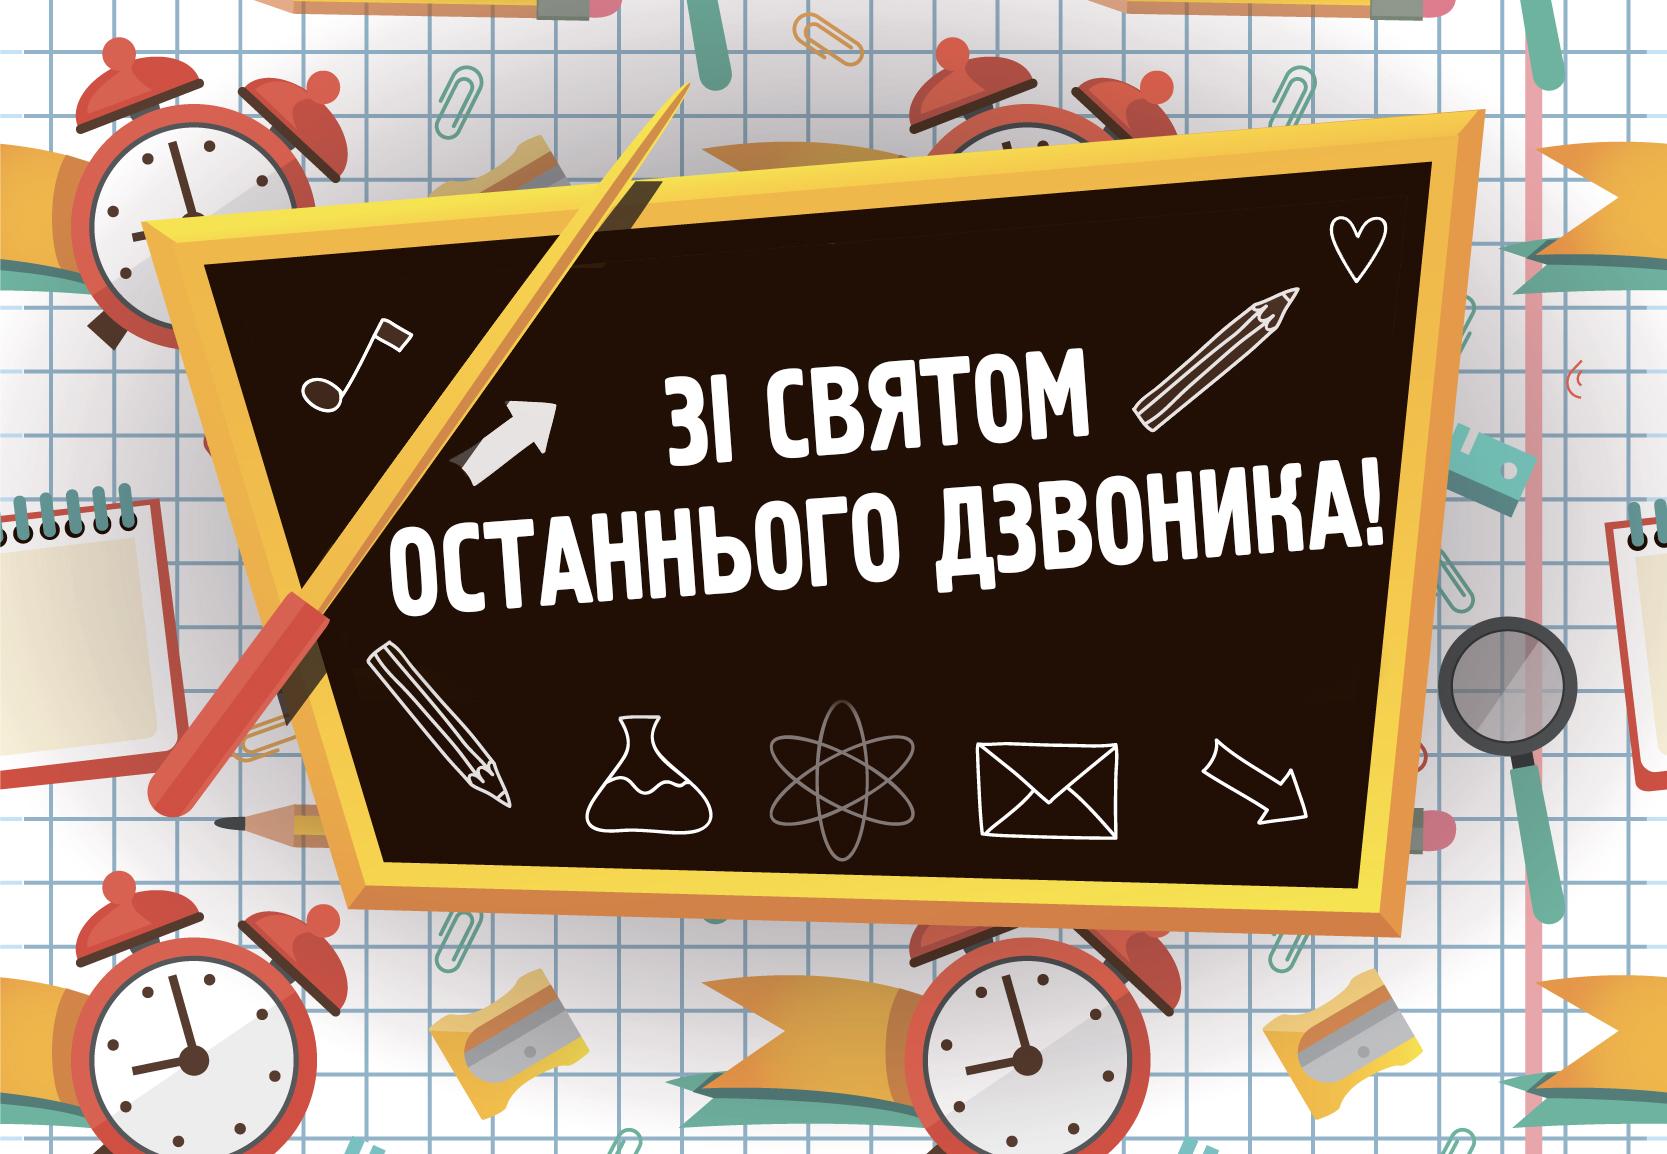 Останній дзвоник 2020: святкуємо онлайн » Профспілка працівників освіти і науки України